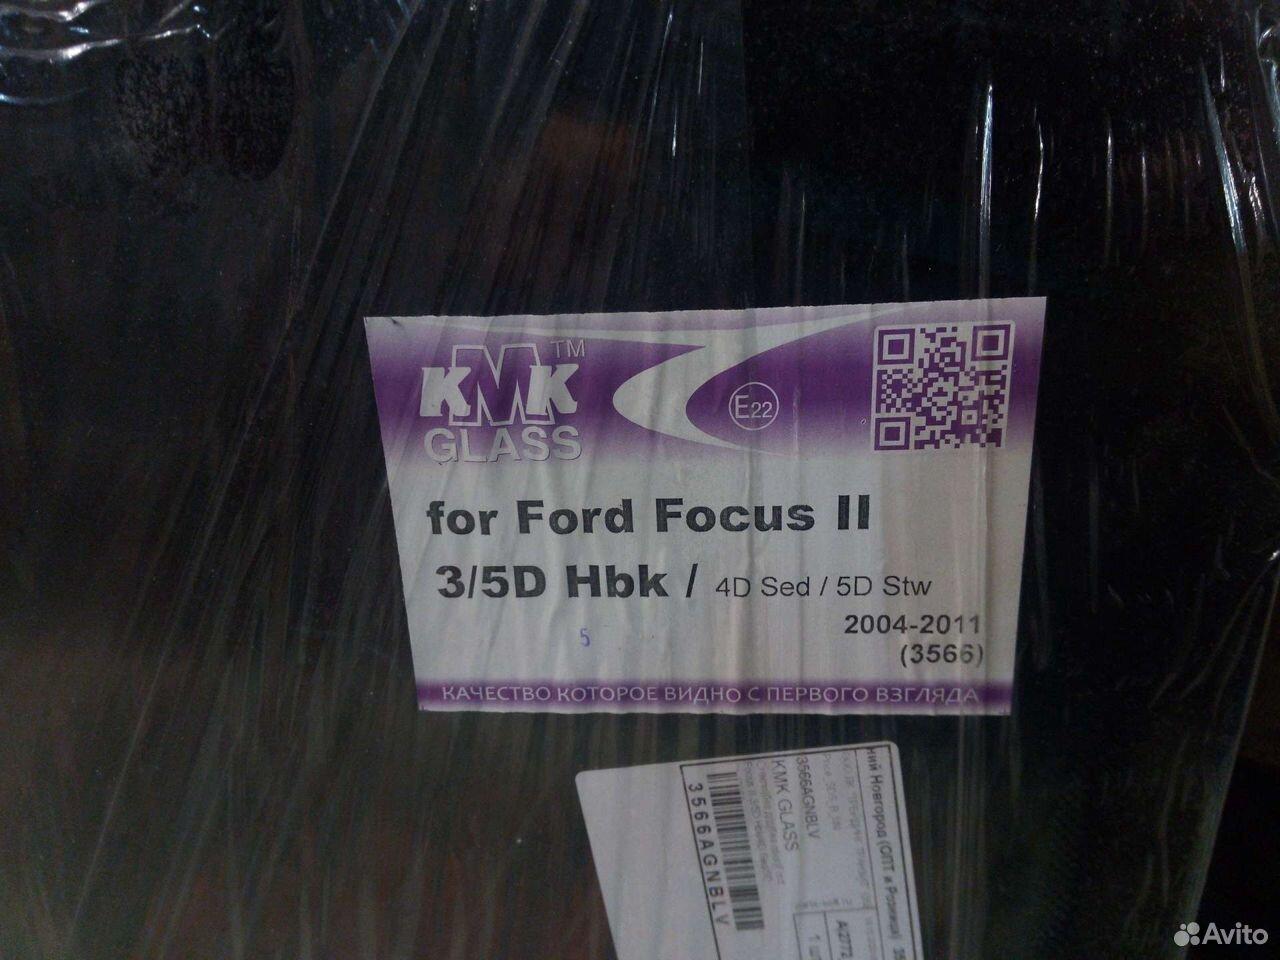 Ford Focus 2 Лобовое стекло